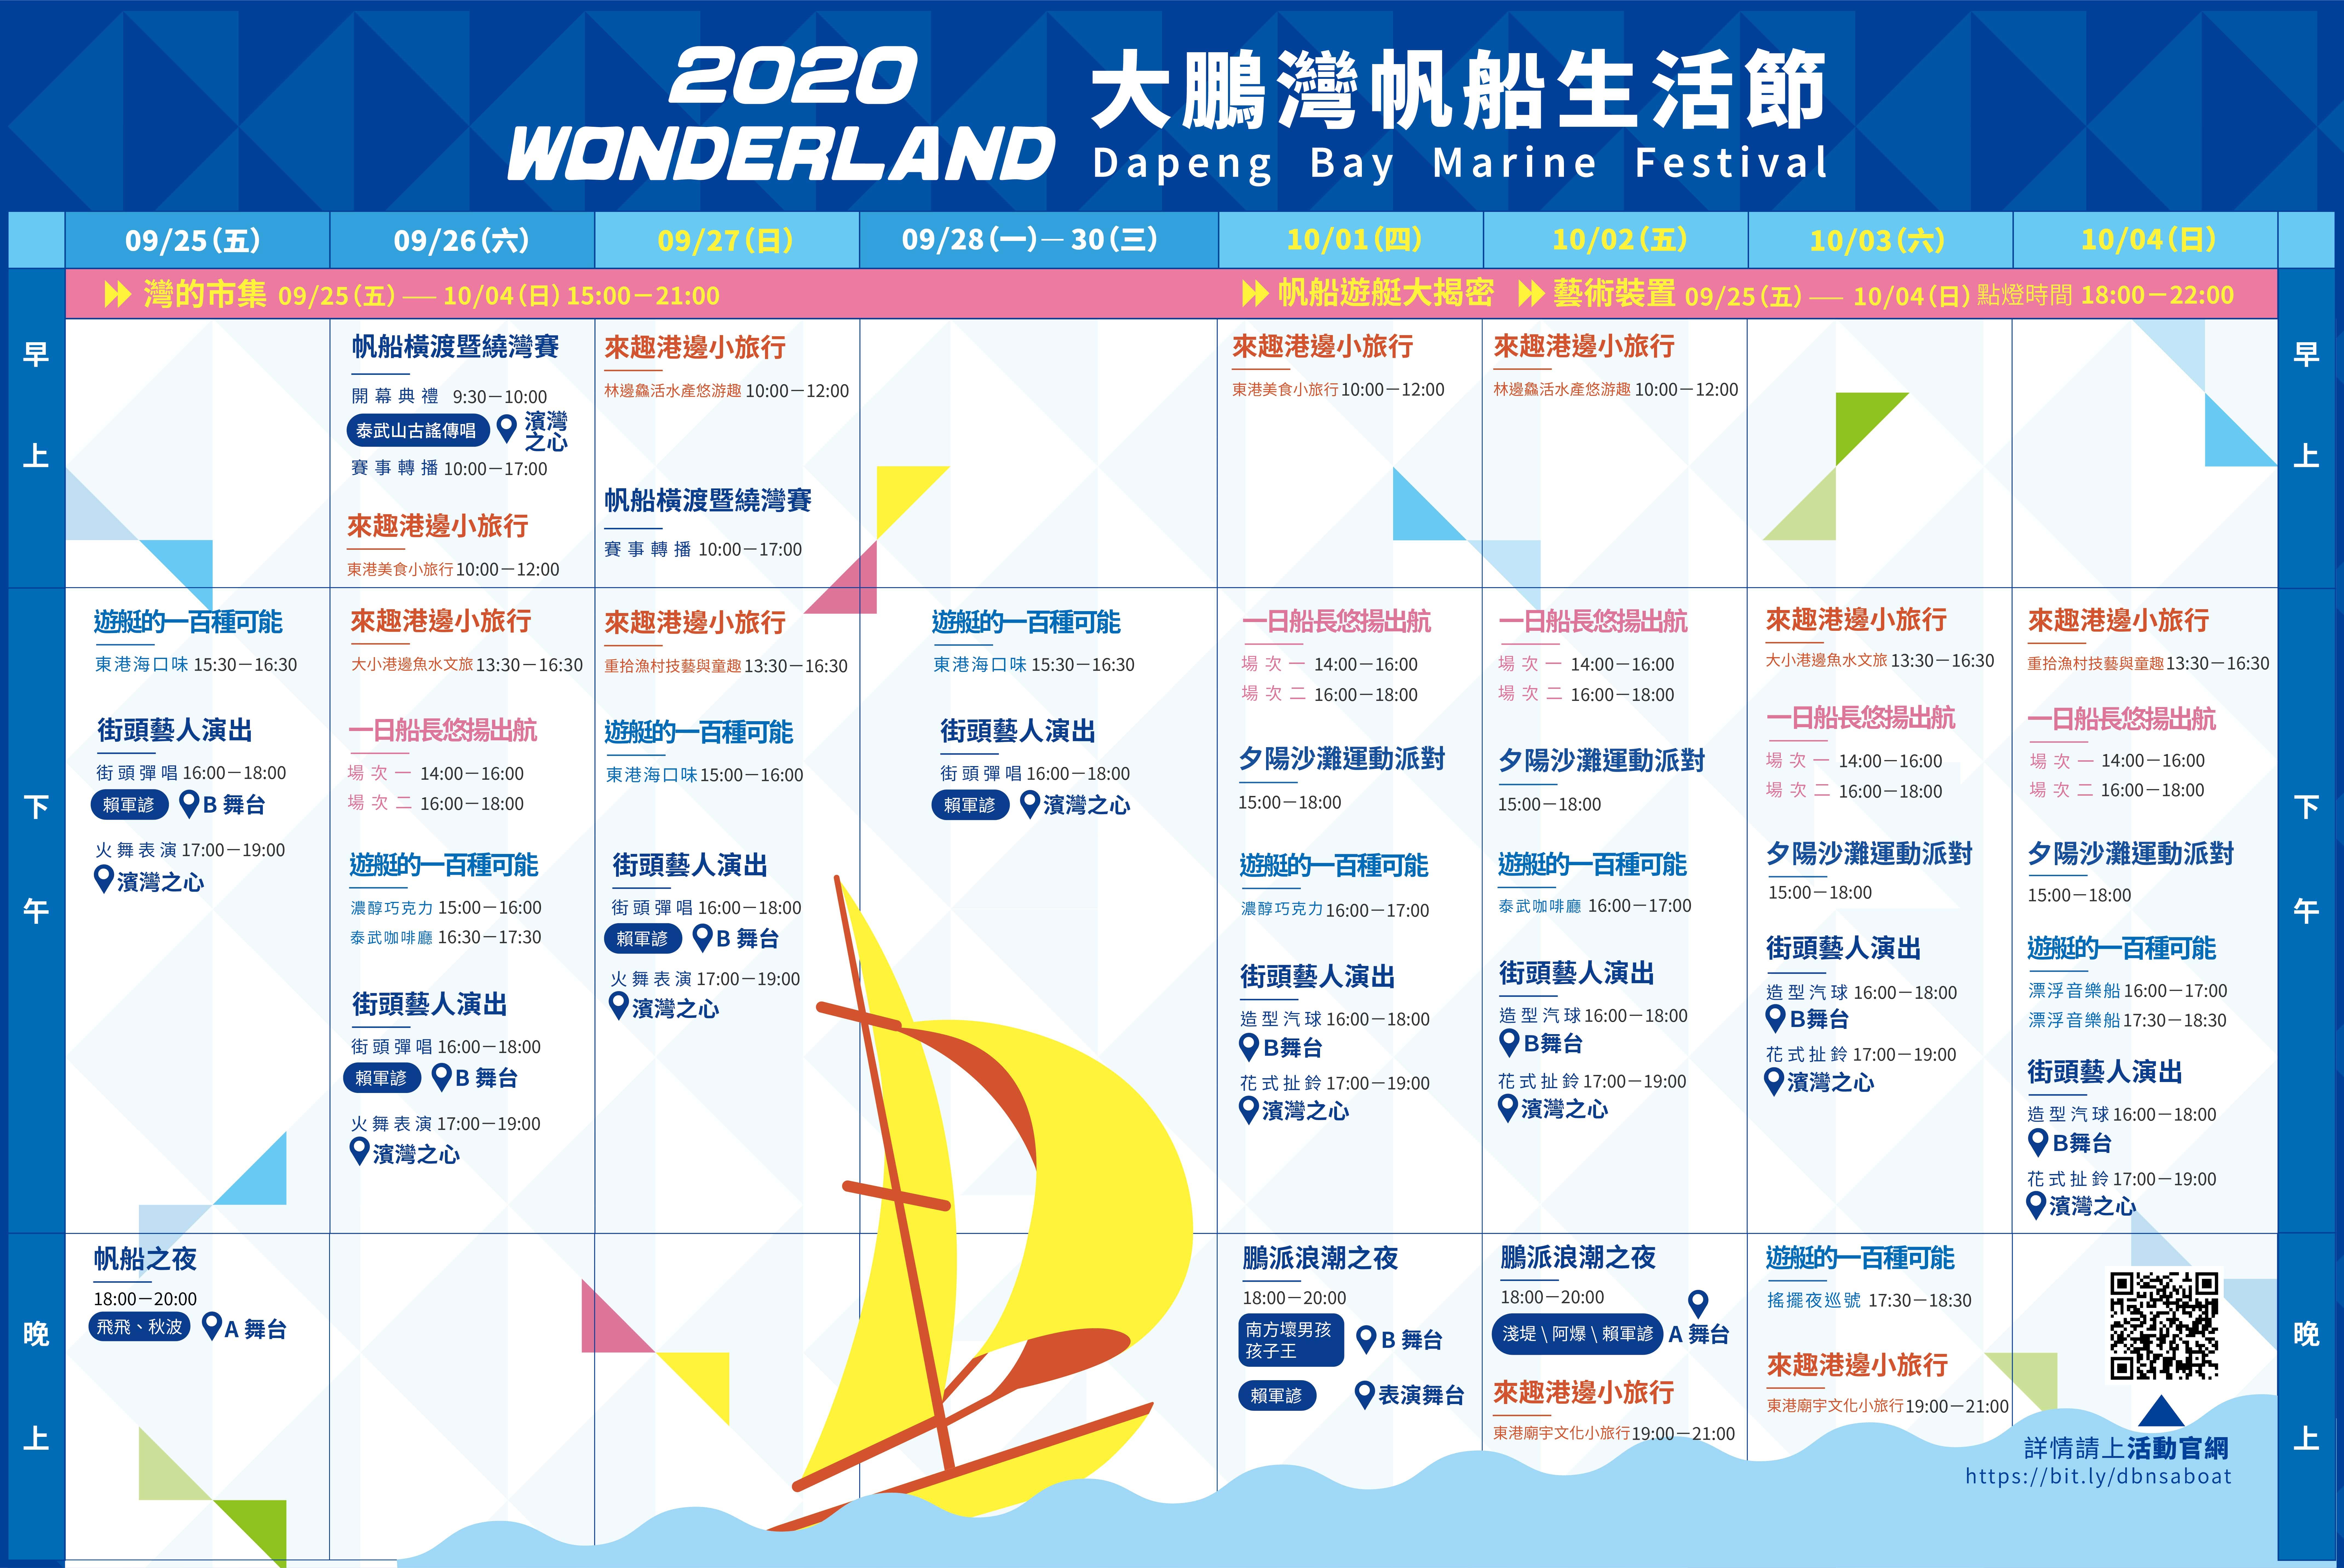 2020大鵬灣帆船生活節攻略| 9/25~10/4熱鬧登場 連假來去屏東